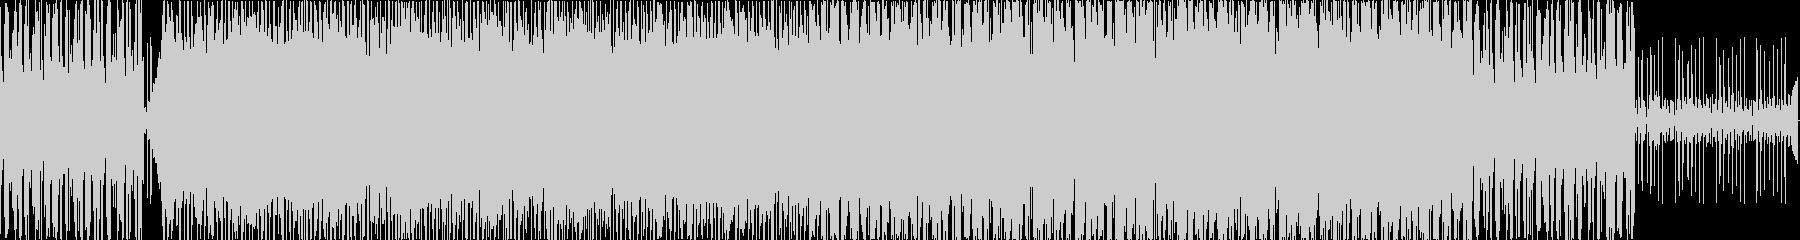 お洒落・ポジティブ・シンプルなBGMの未再生の波形